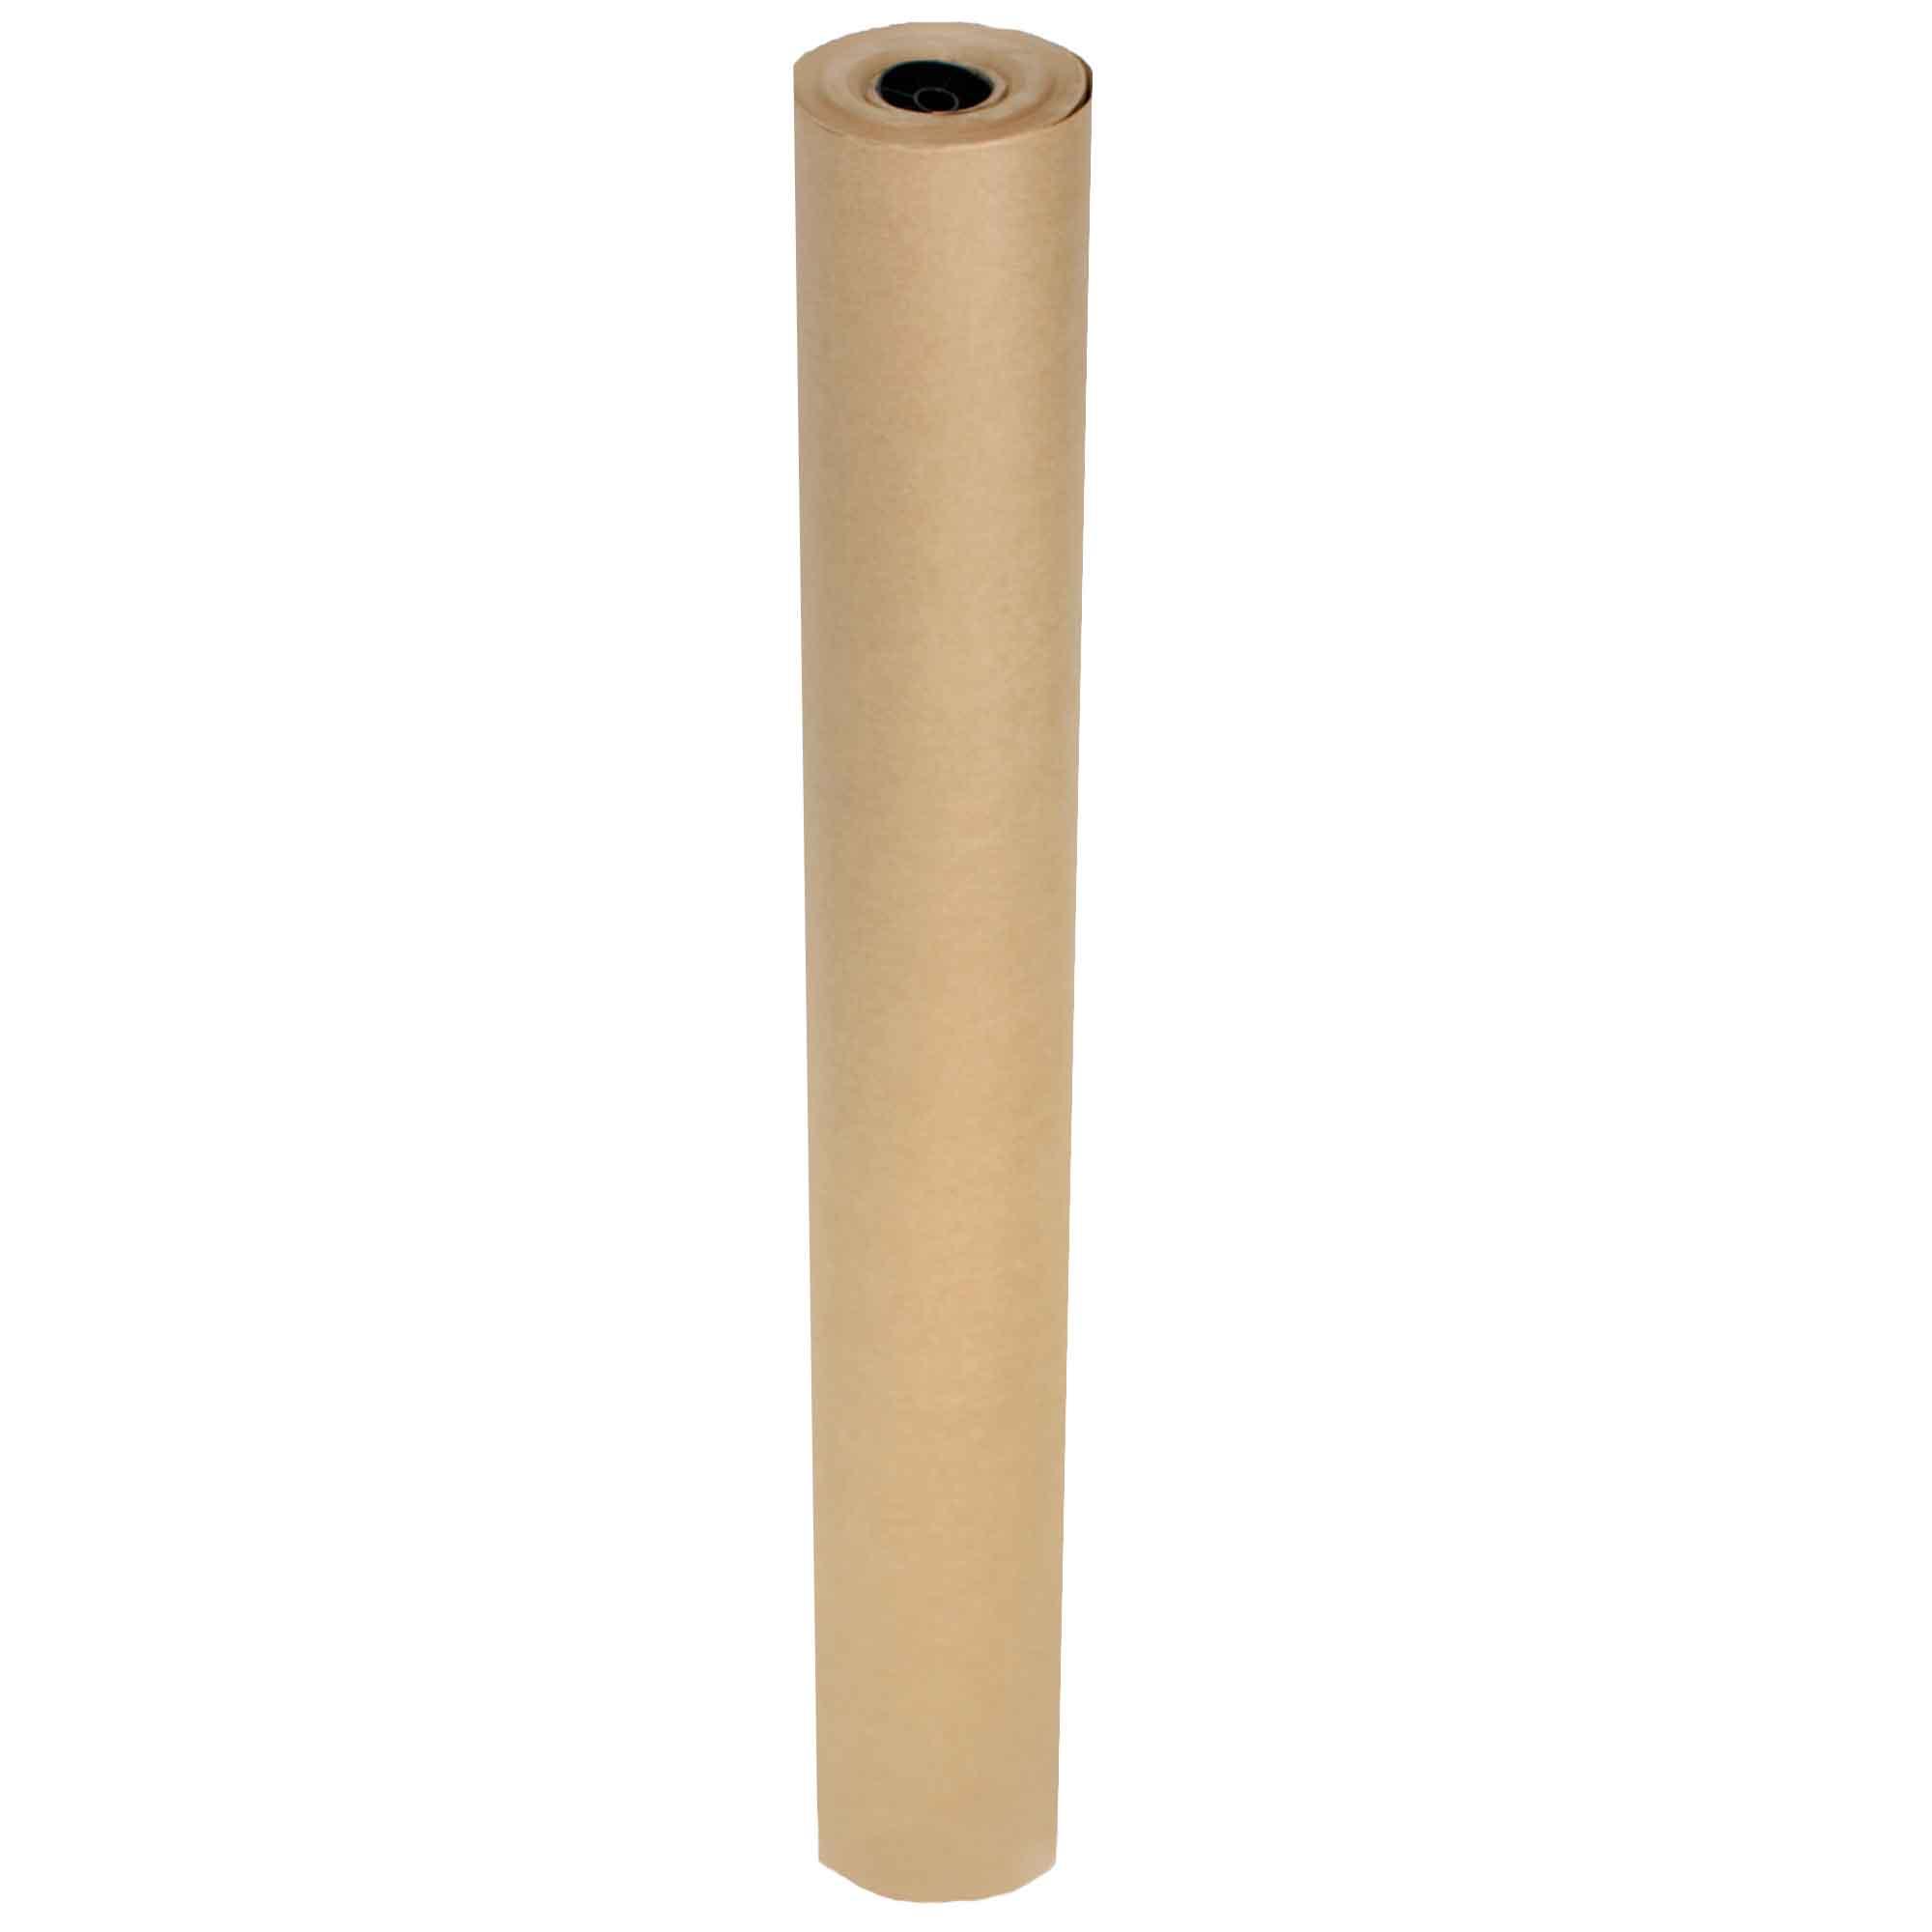 Bobina Papel Pardo Kraft Monolucido 120cm 80G Supplypack 30 KG